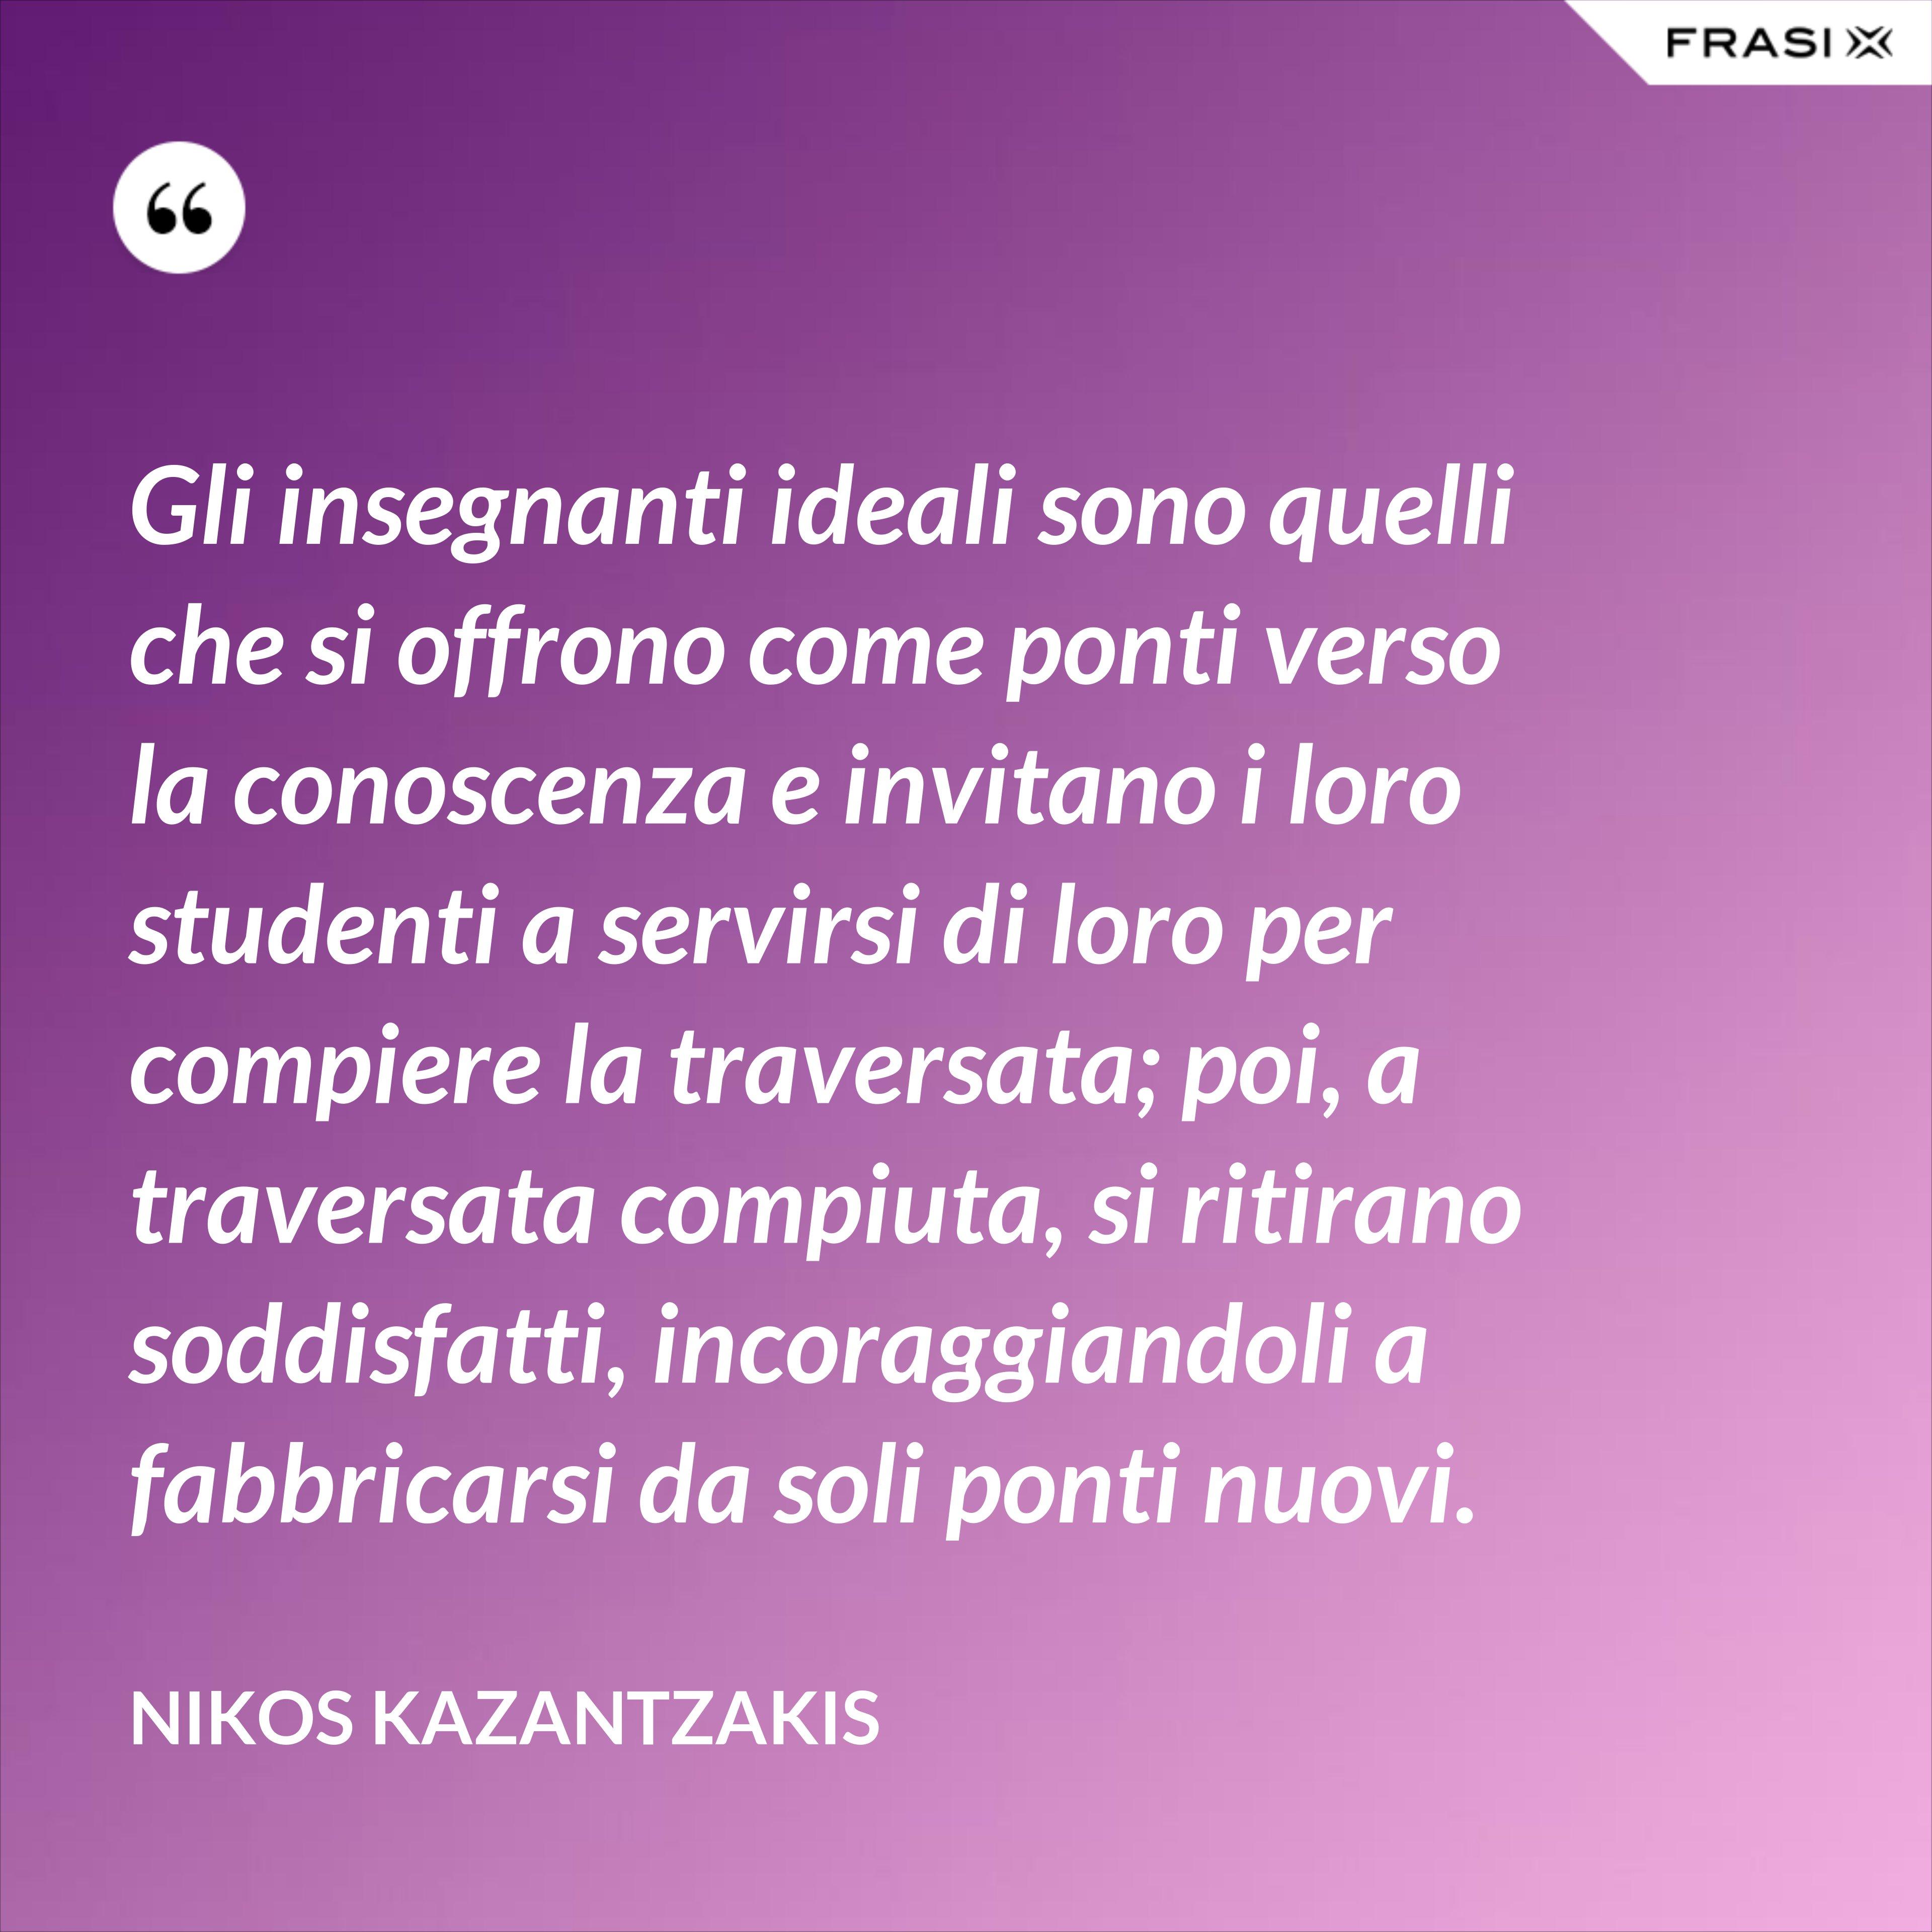 Gli insegnanti ideali sono quelli che si offrono come ponti verso la conoscenza e invitano i loro studenti a servirsi di loro per compiere la traversata; poi, a traversata compiuta, si ritirano soddisfatti, incoraggiandoli a fabbricarsi da soli ponti nuovi. - Nikos Kazantzakis